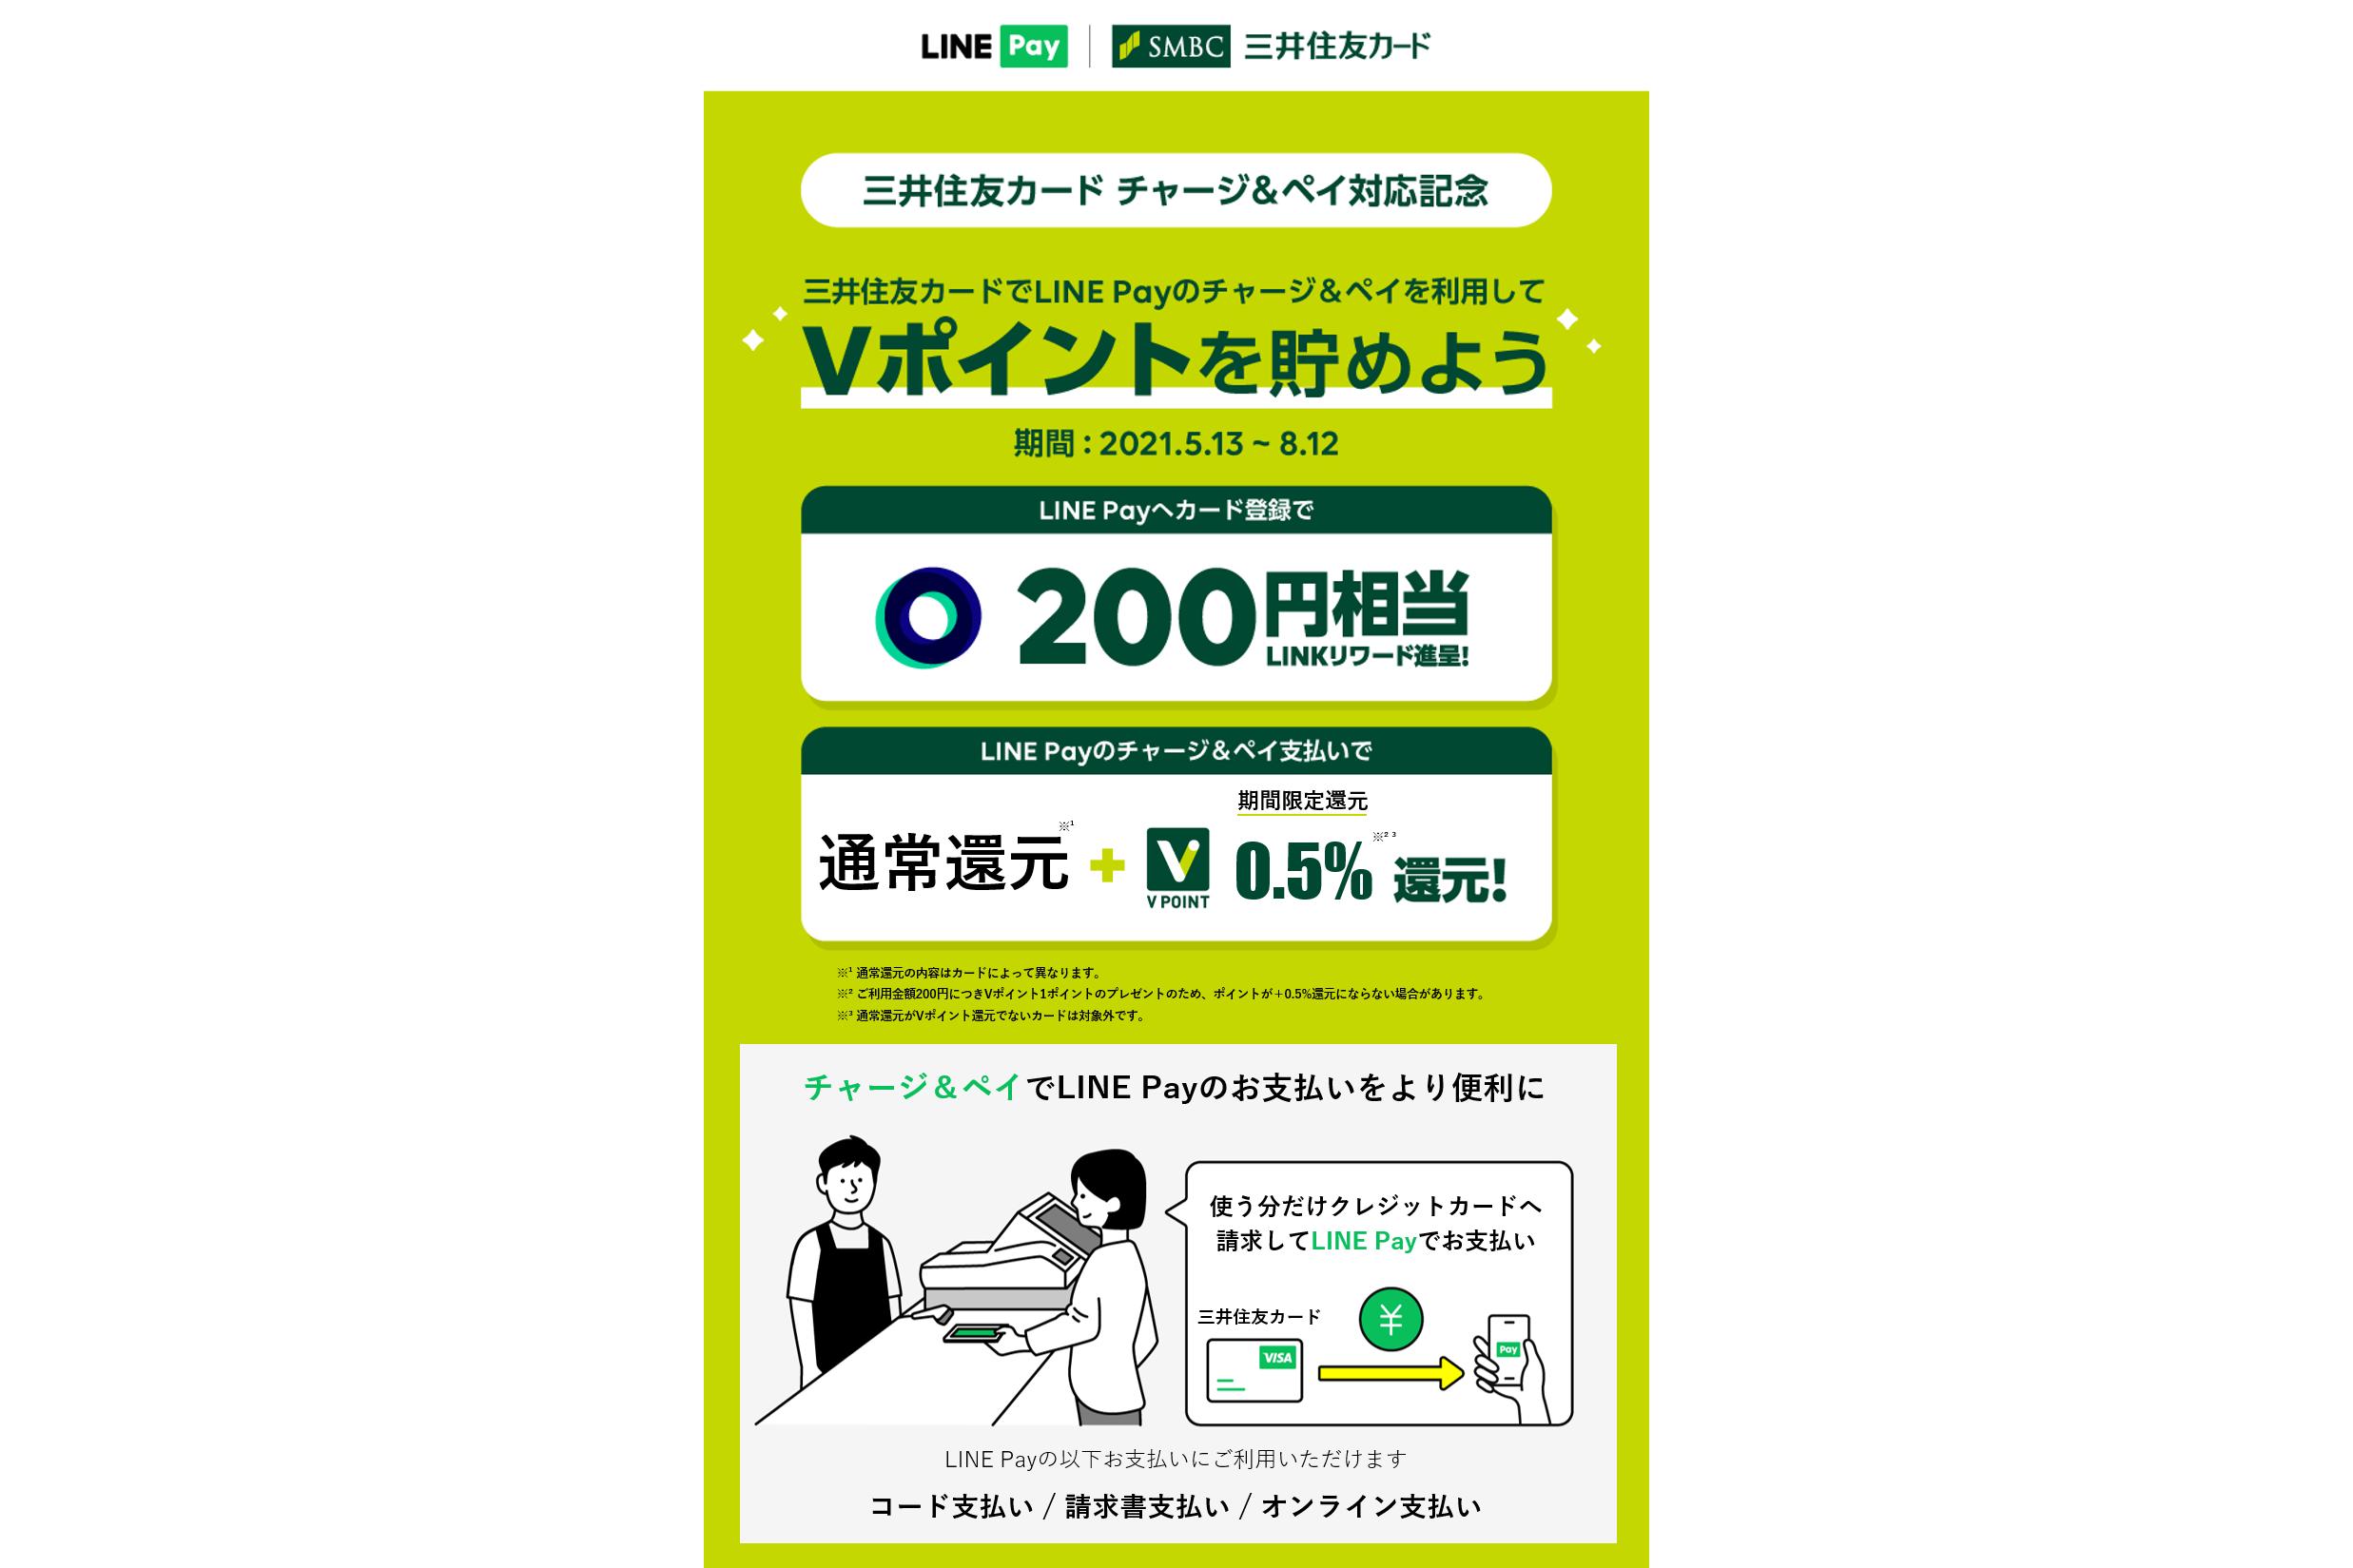 チャージ line カード LINEプリペイドカードのチャージできない?3つの原因と解決策